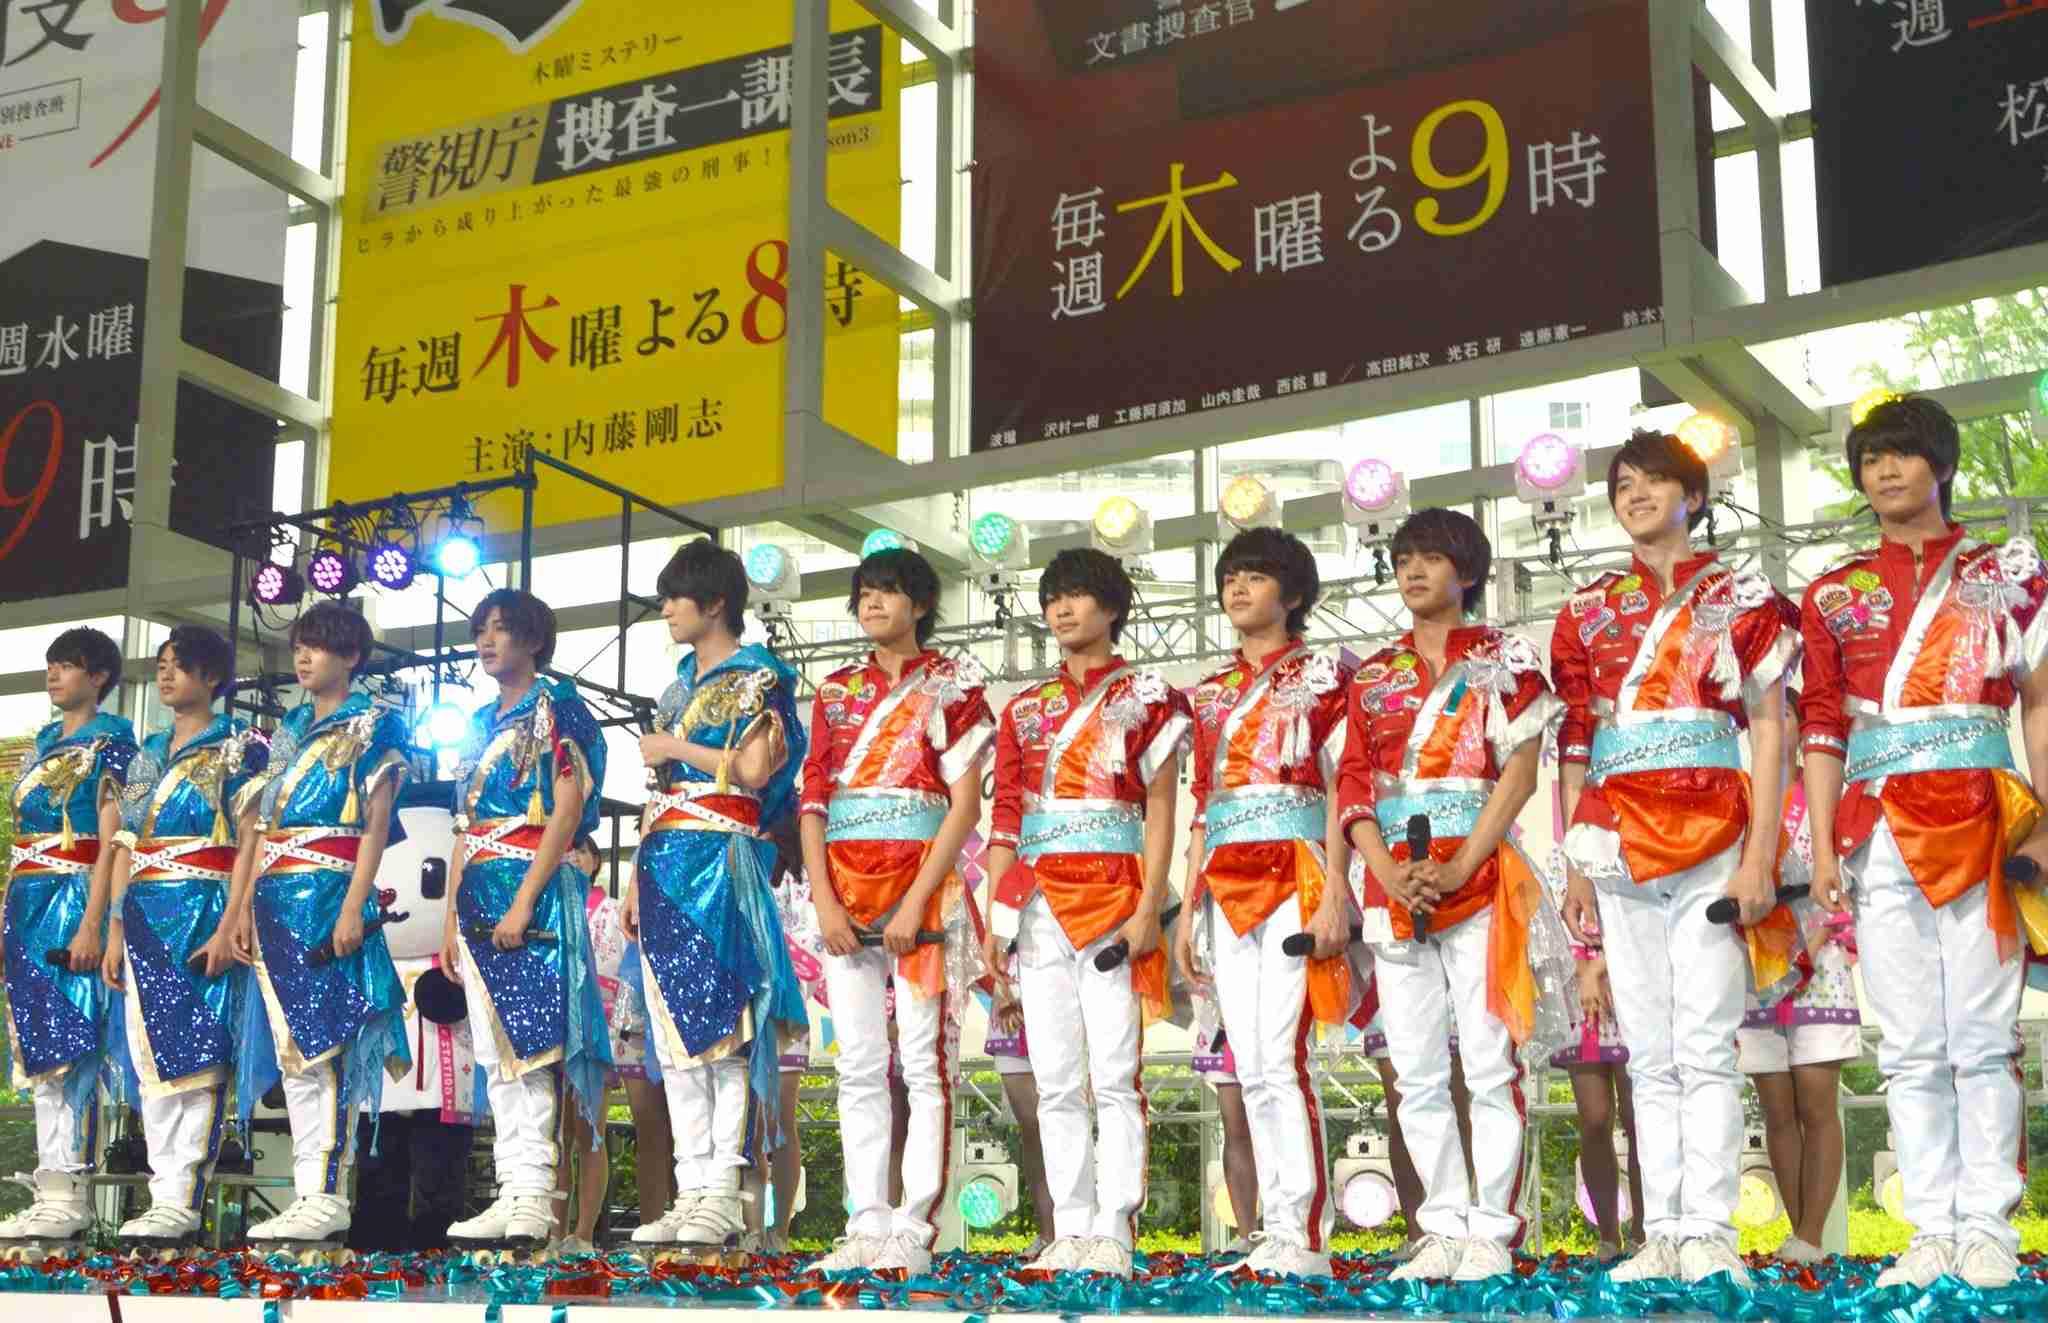 「裸の少年」9年ぶり復活 NEWS、KAT-TUNも出演したバラエティー